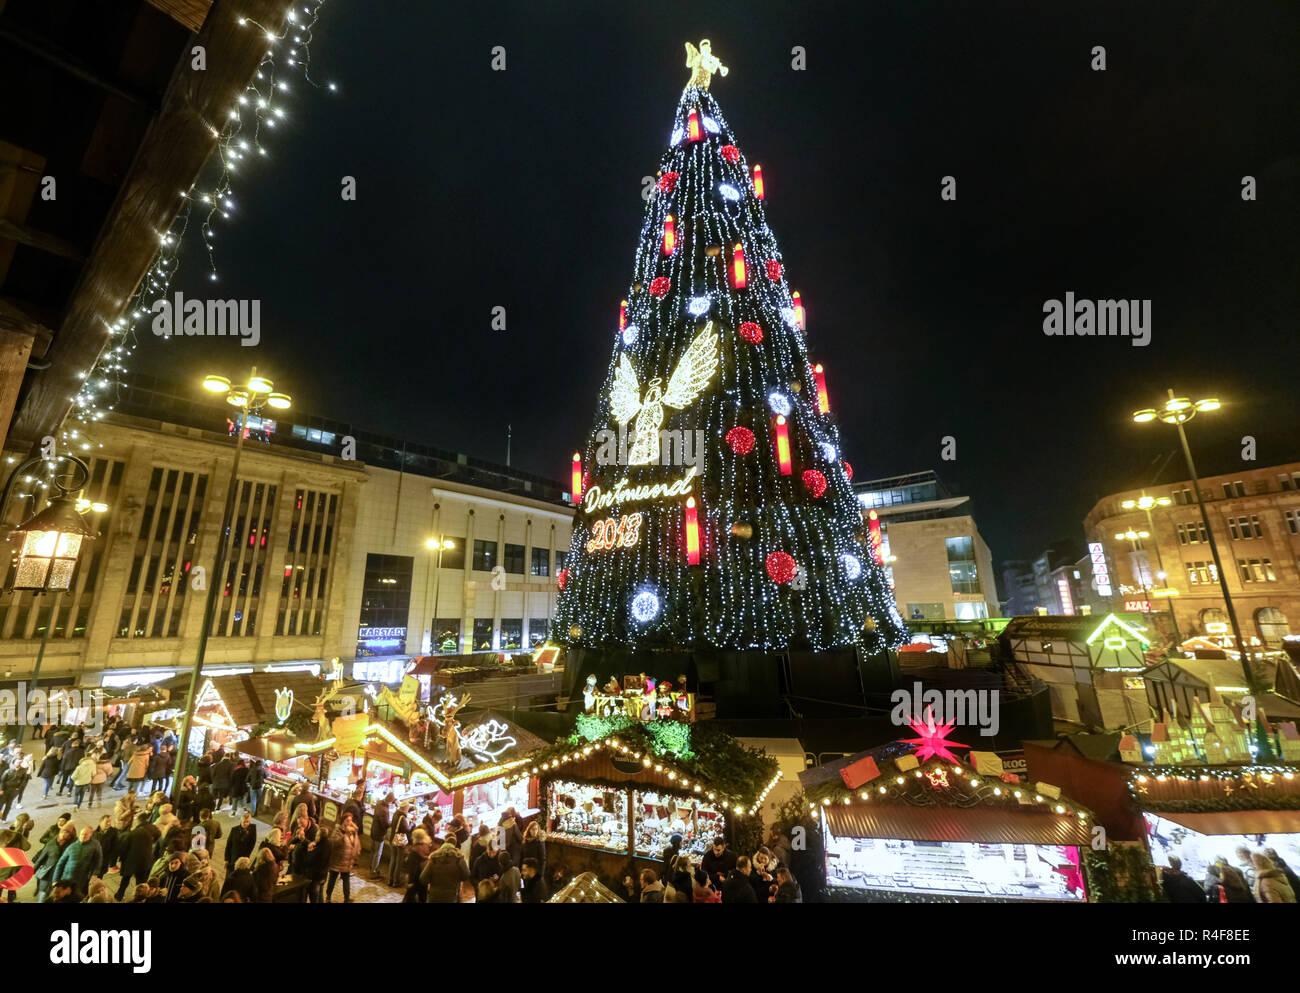 Größter Tannenbaum Deutschlands.Der Größte Weihnachtsbaum Auf Dem Weihnachtsmarkt In Dortmund